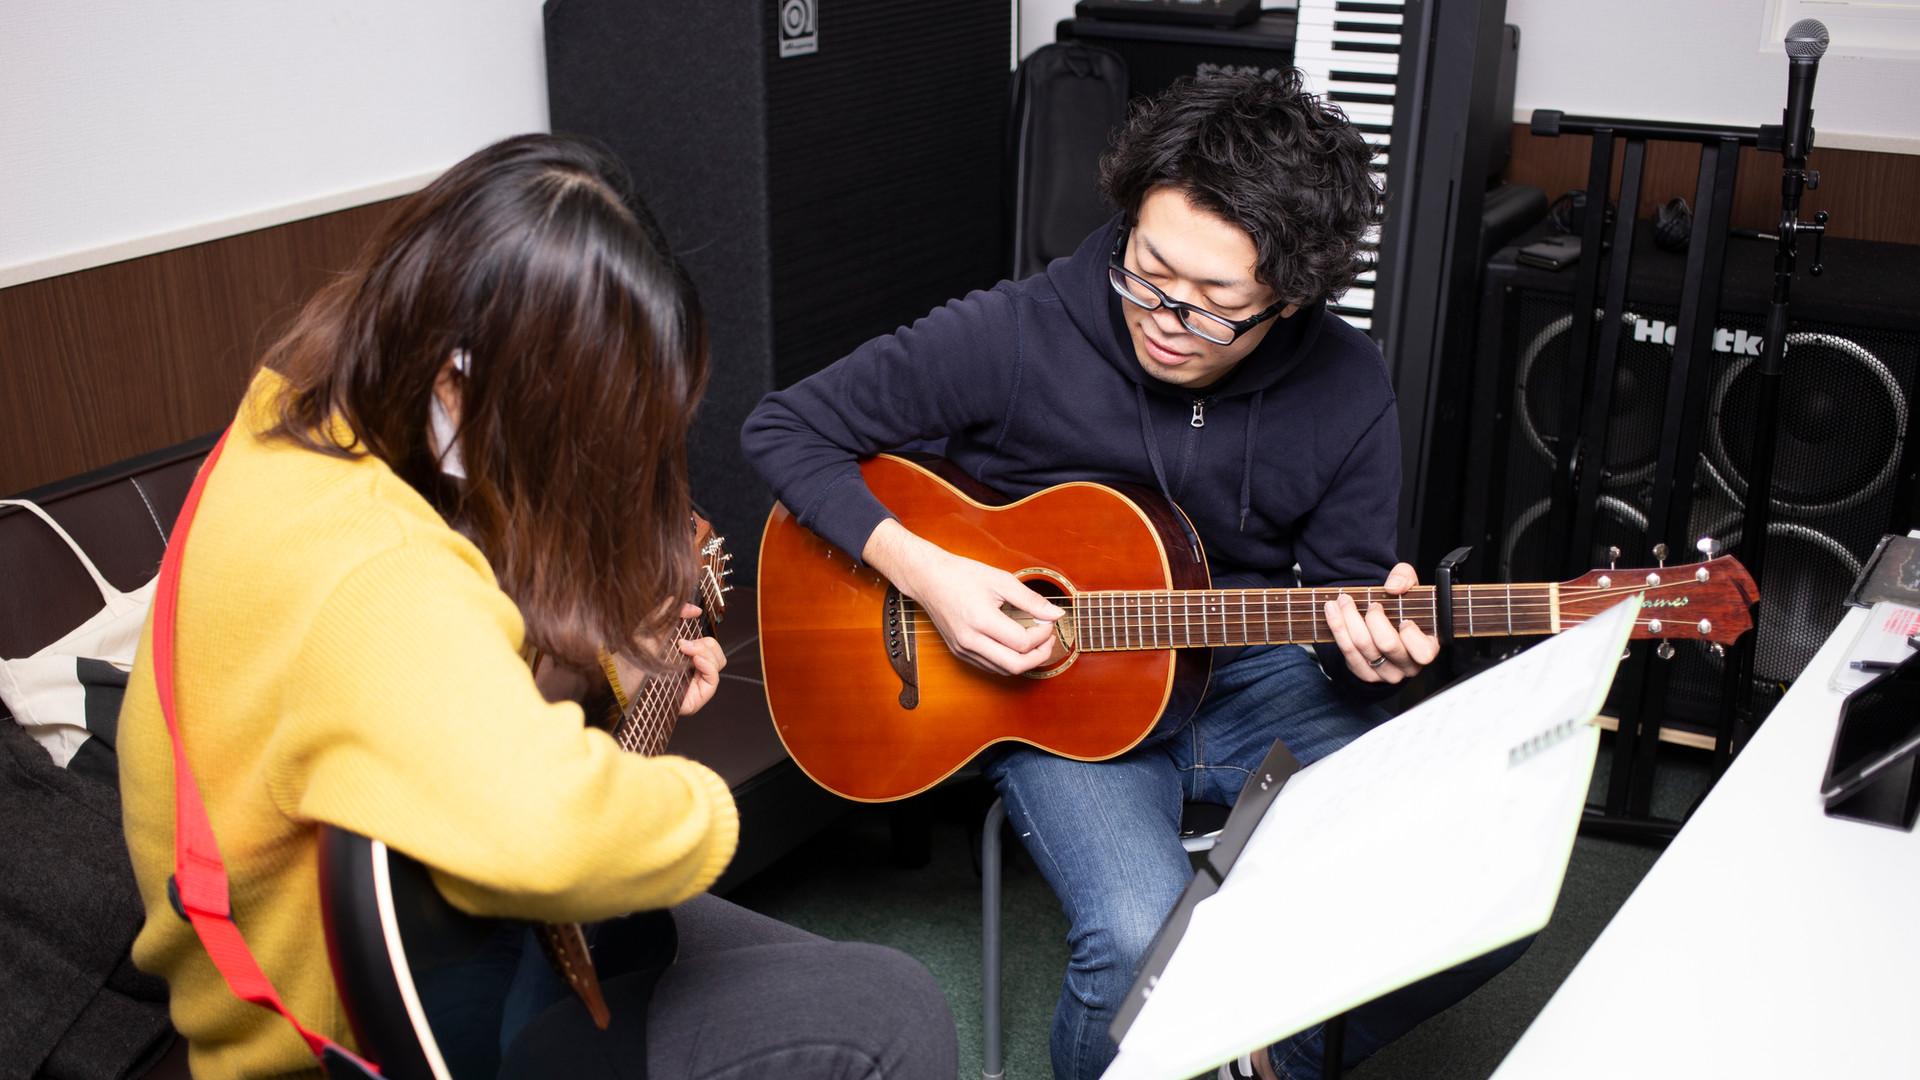 イレブンギターズ 音楽教室 ギター 滋賀